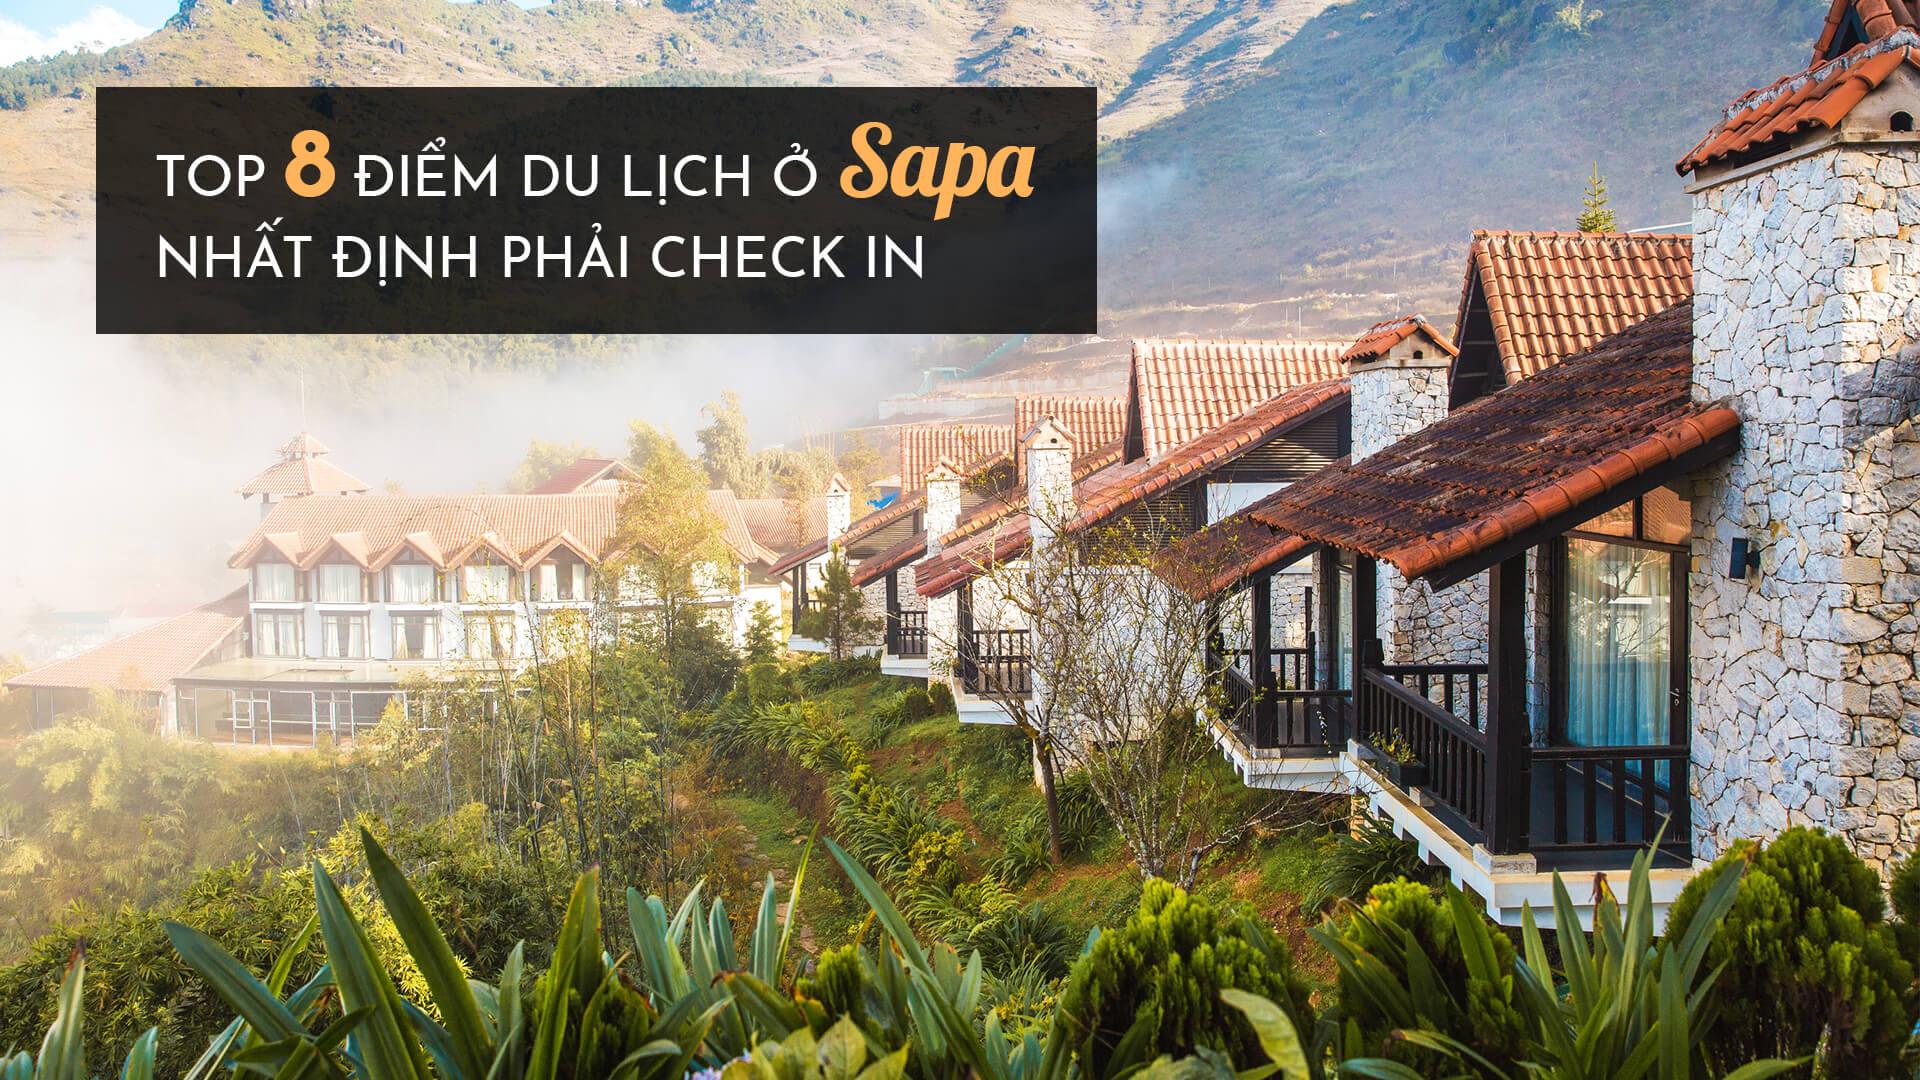 Top 8 điểm du lịch ở Sapa nhất định phải check in